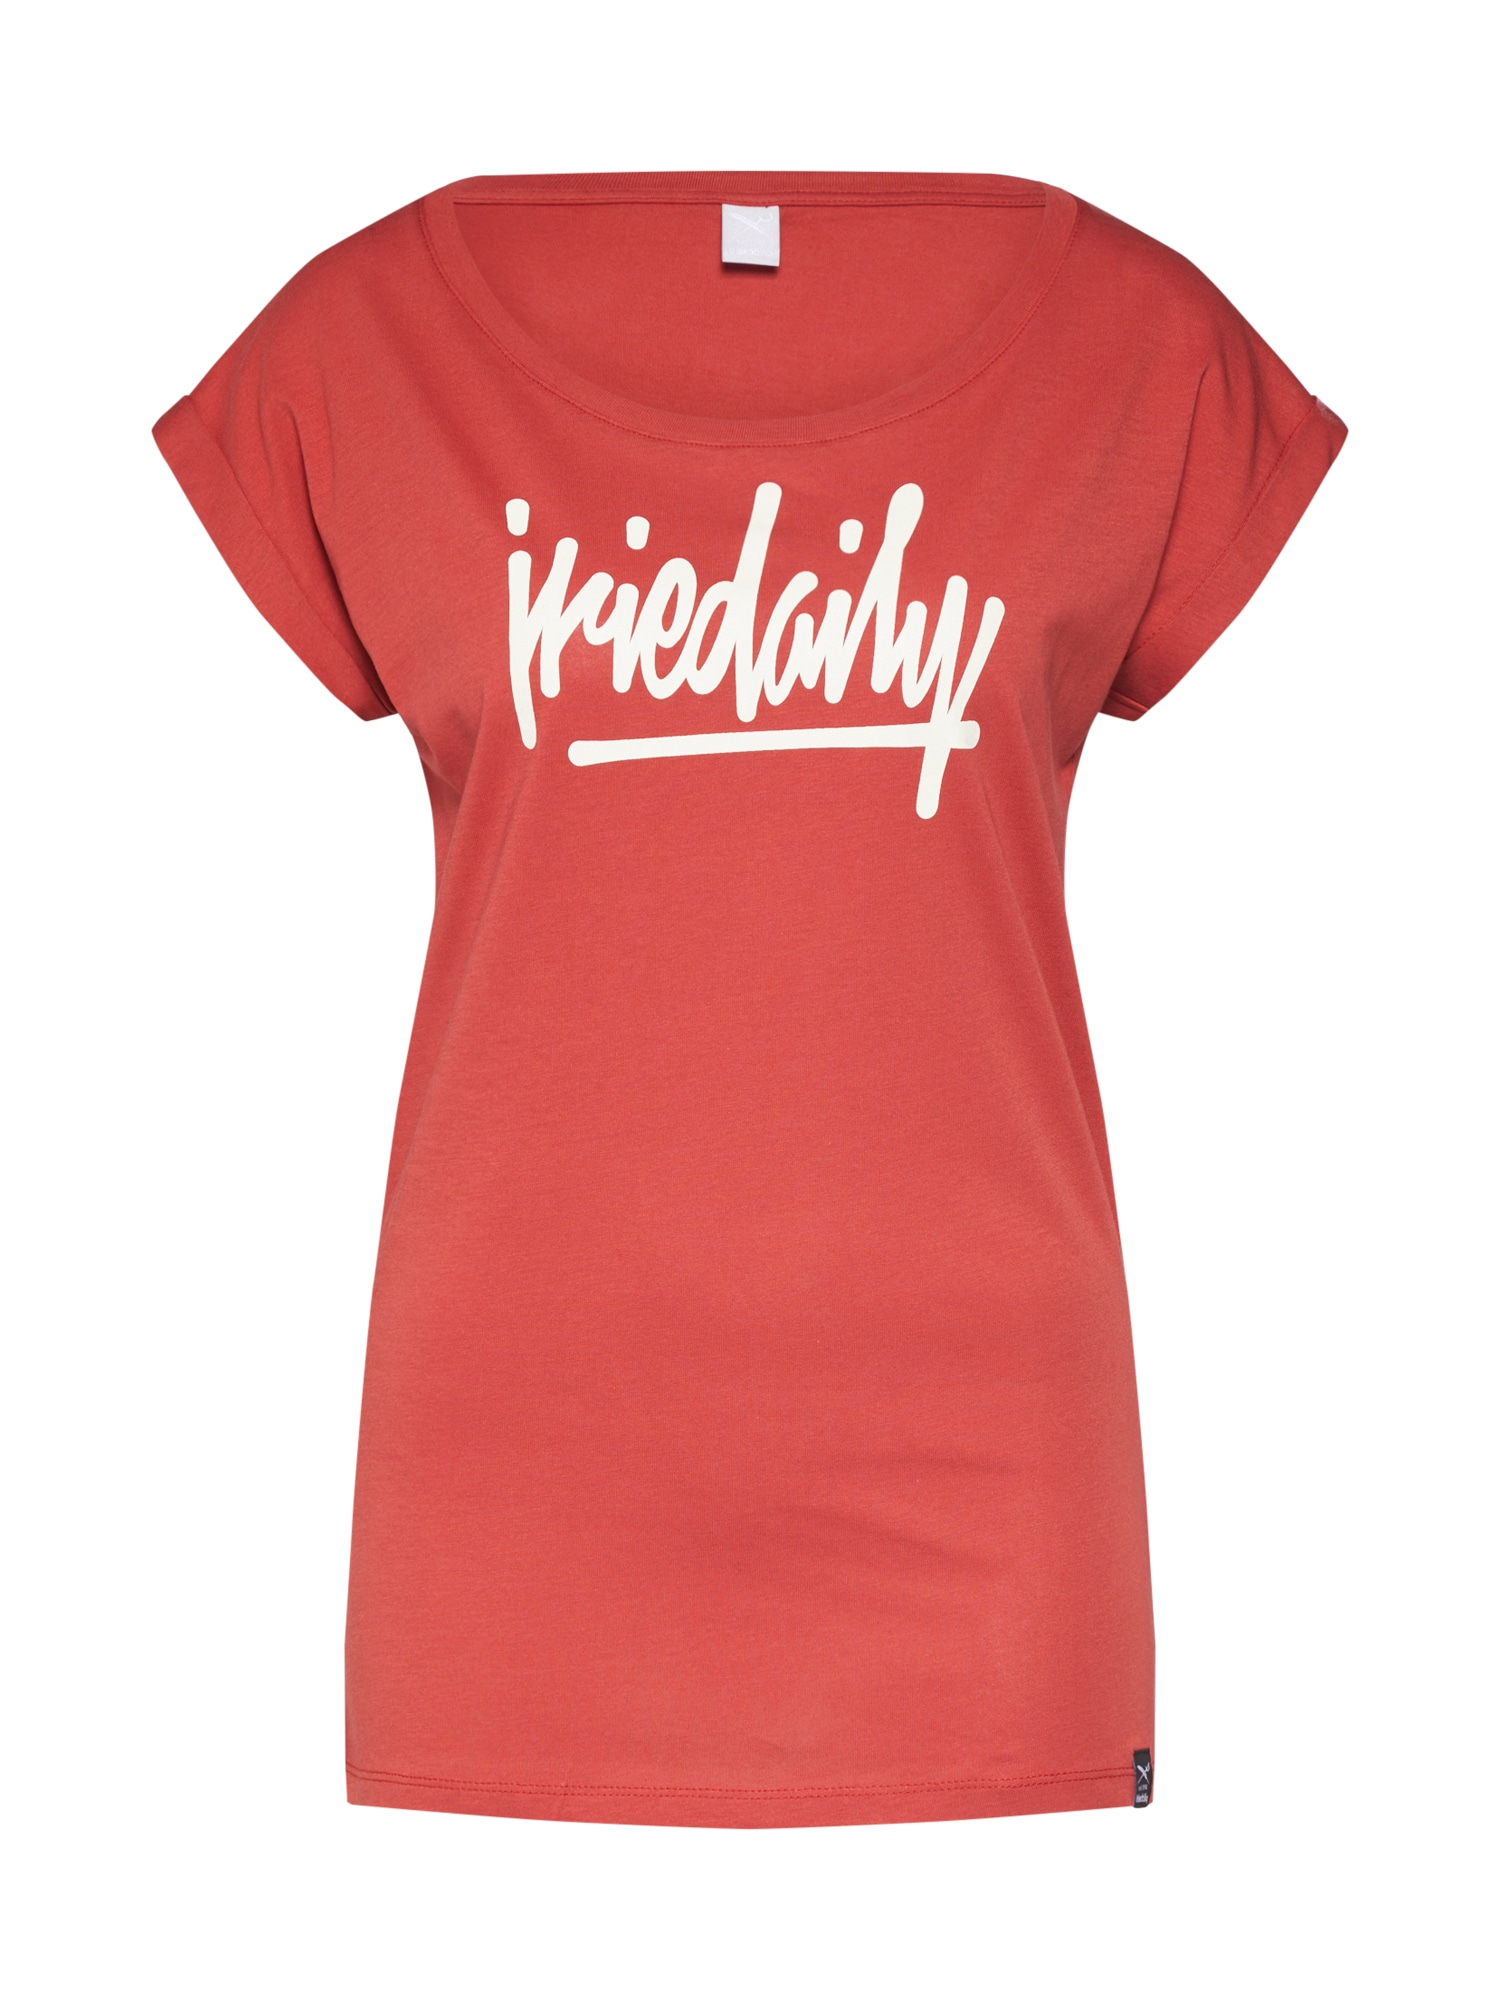 Tričko Taggety oranžově červená Iriedaily